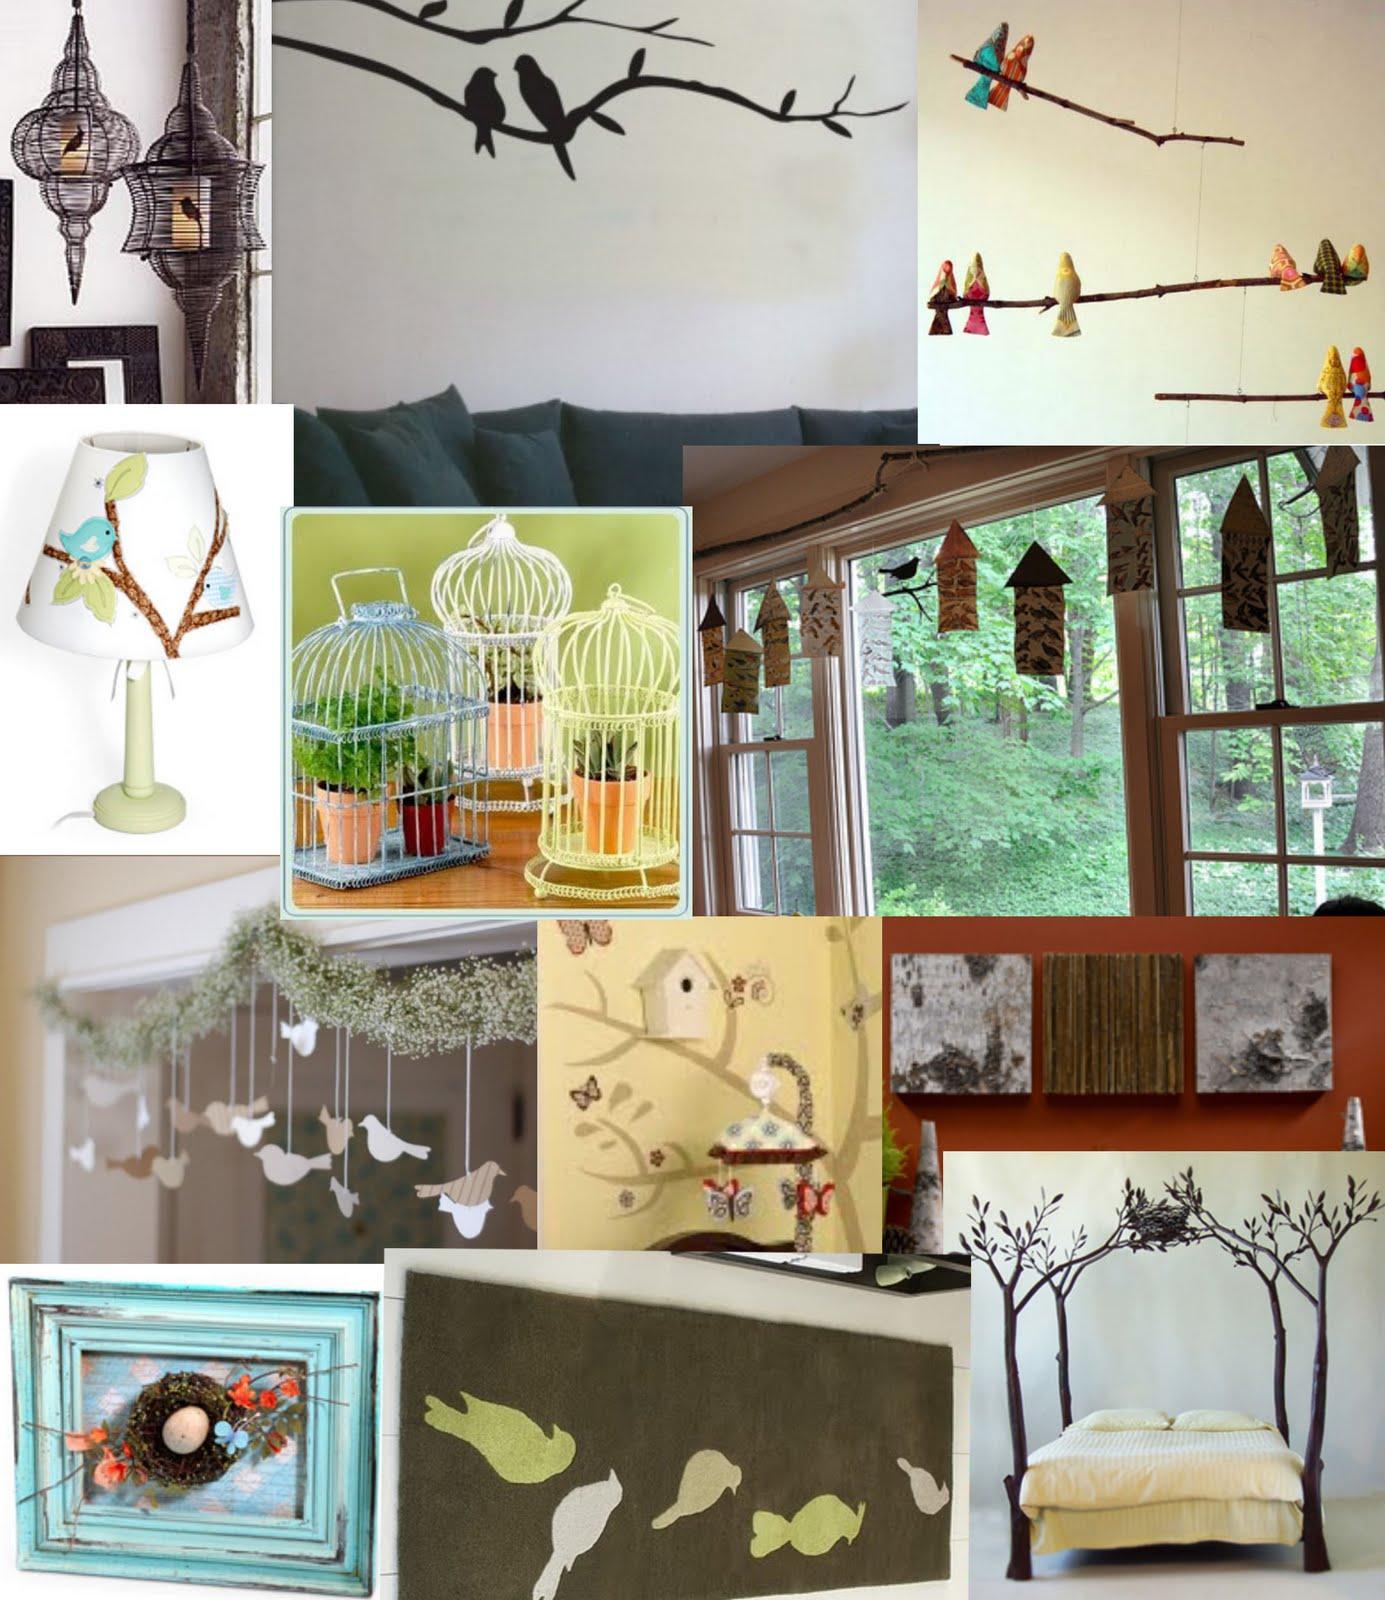 http://4.bp.blogspot.com/-Kw8BGBwbUAU/Tt0n7JgNZkI/AAAAAAAAMgI/hhfWVFFR9bg/s1600/bedroom_inspiration_board.jpg